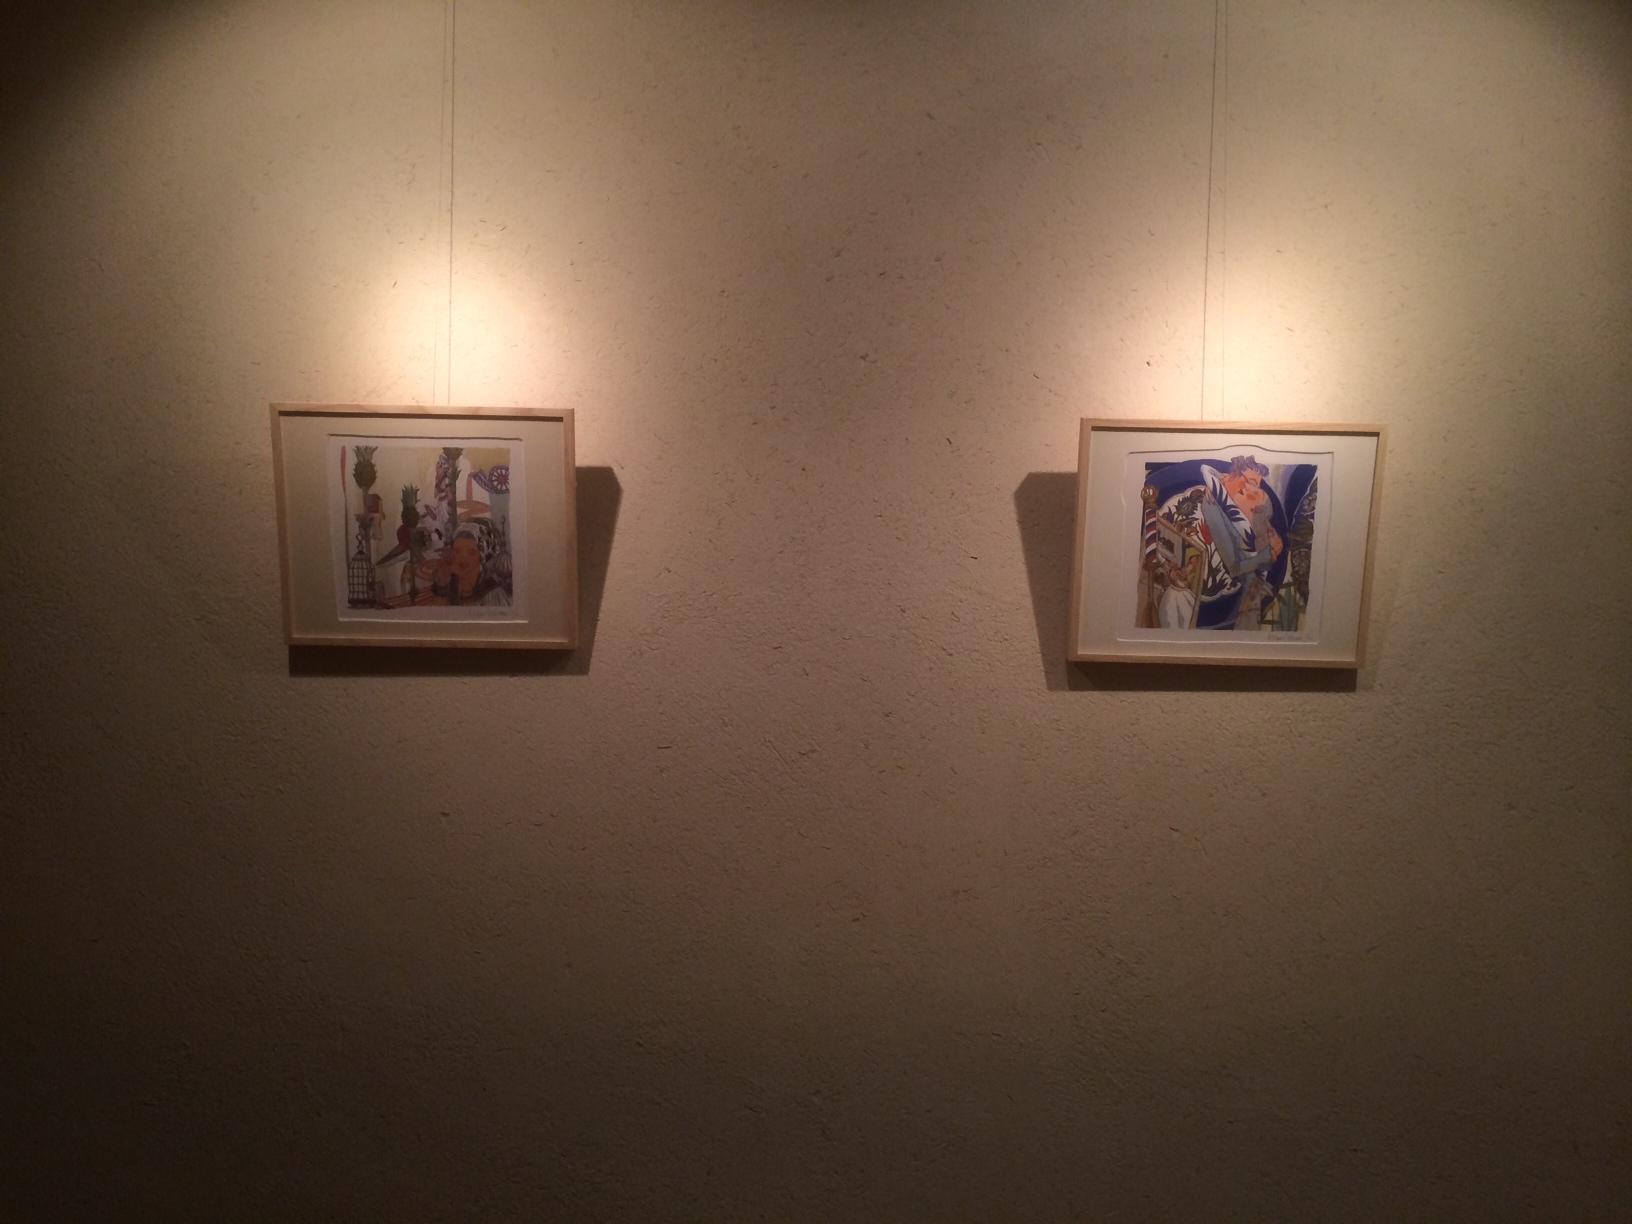 イラストレーター:えんどうひとみさん作品展示 兵庫県神戸市灘区 音楽ホールにて